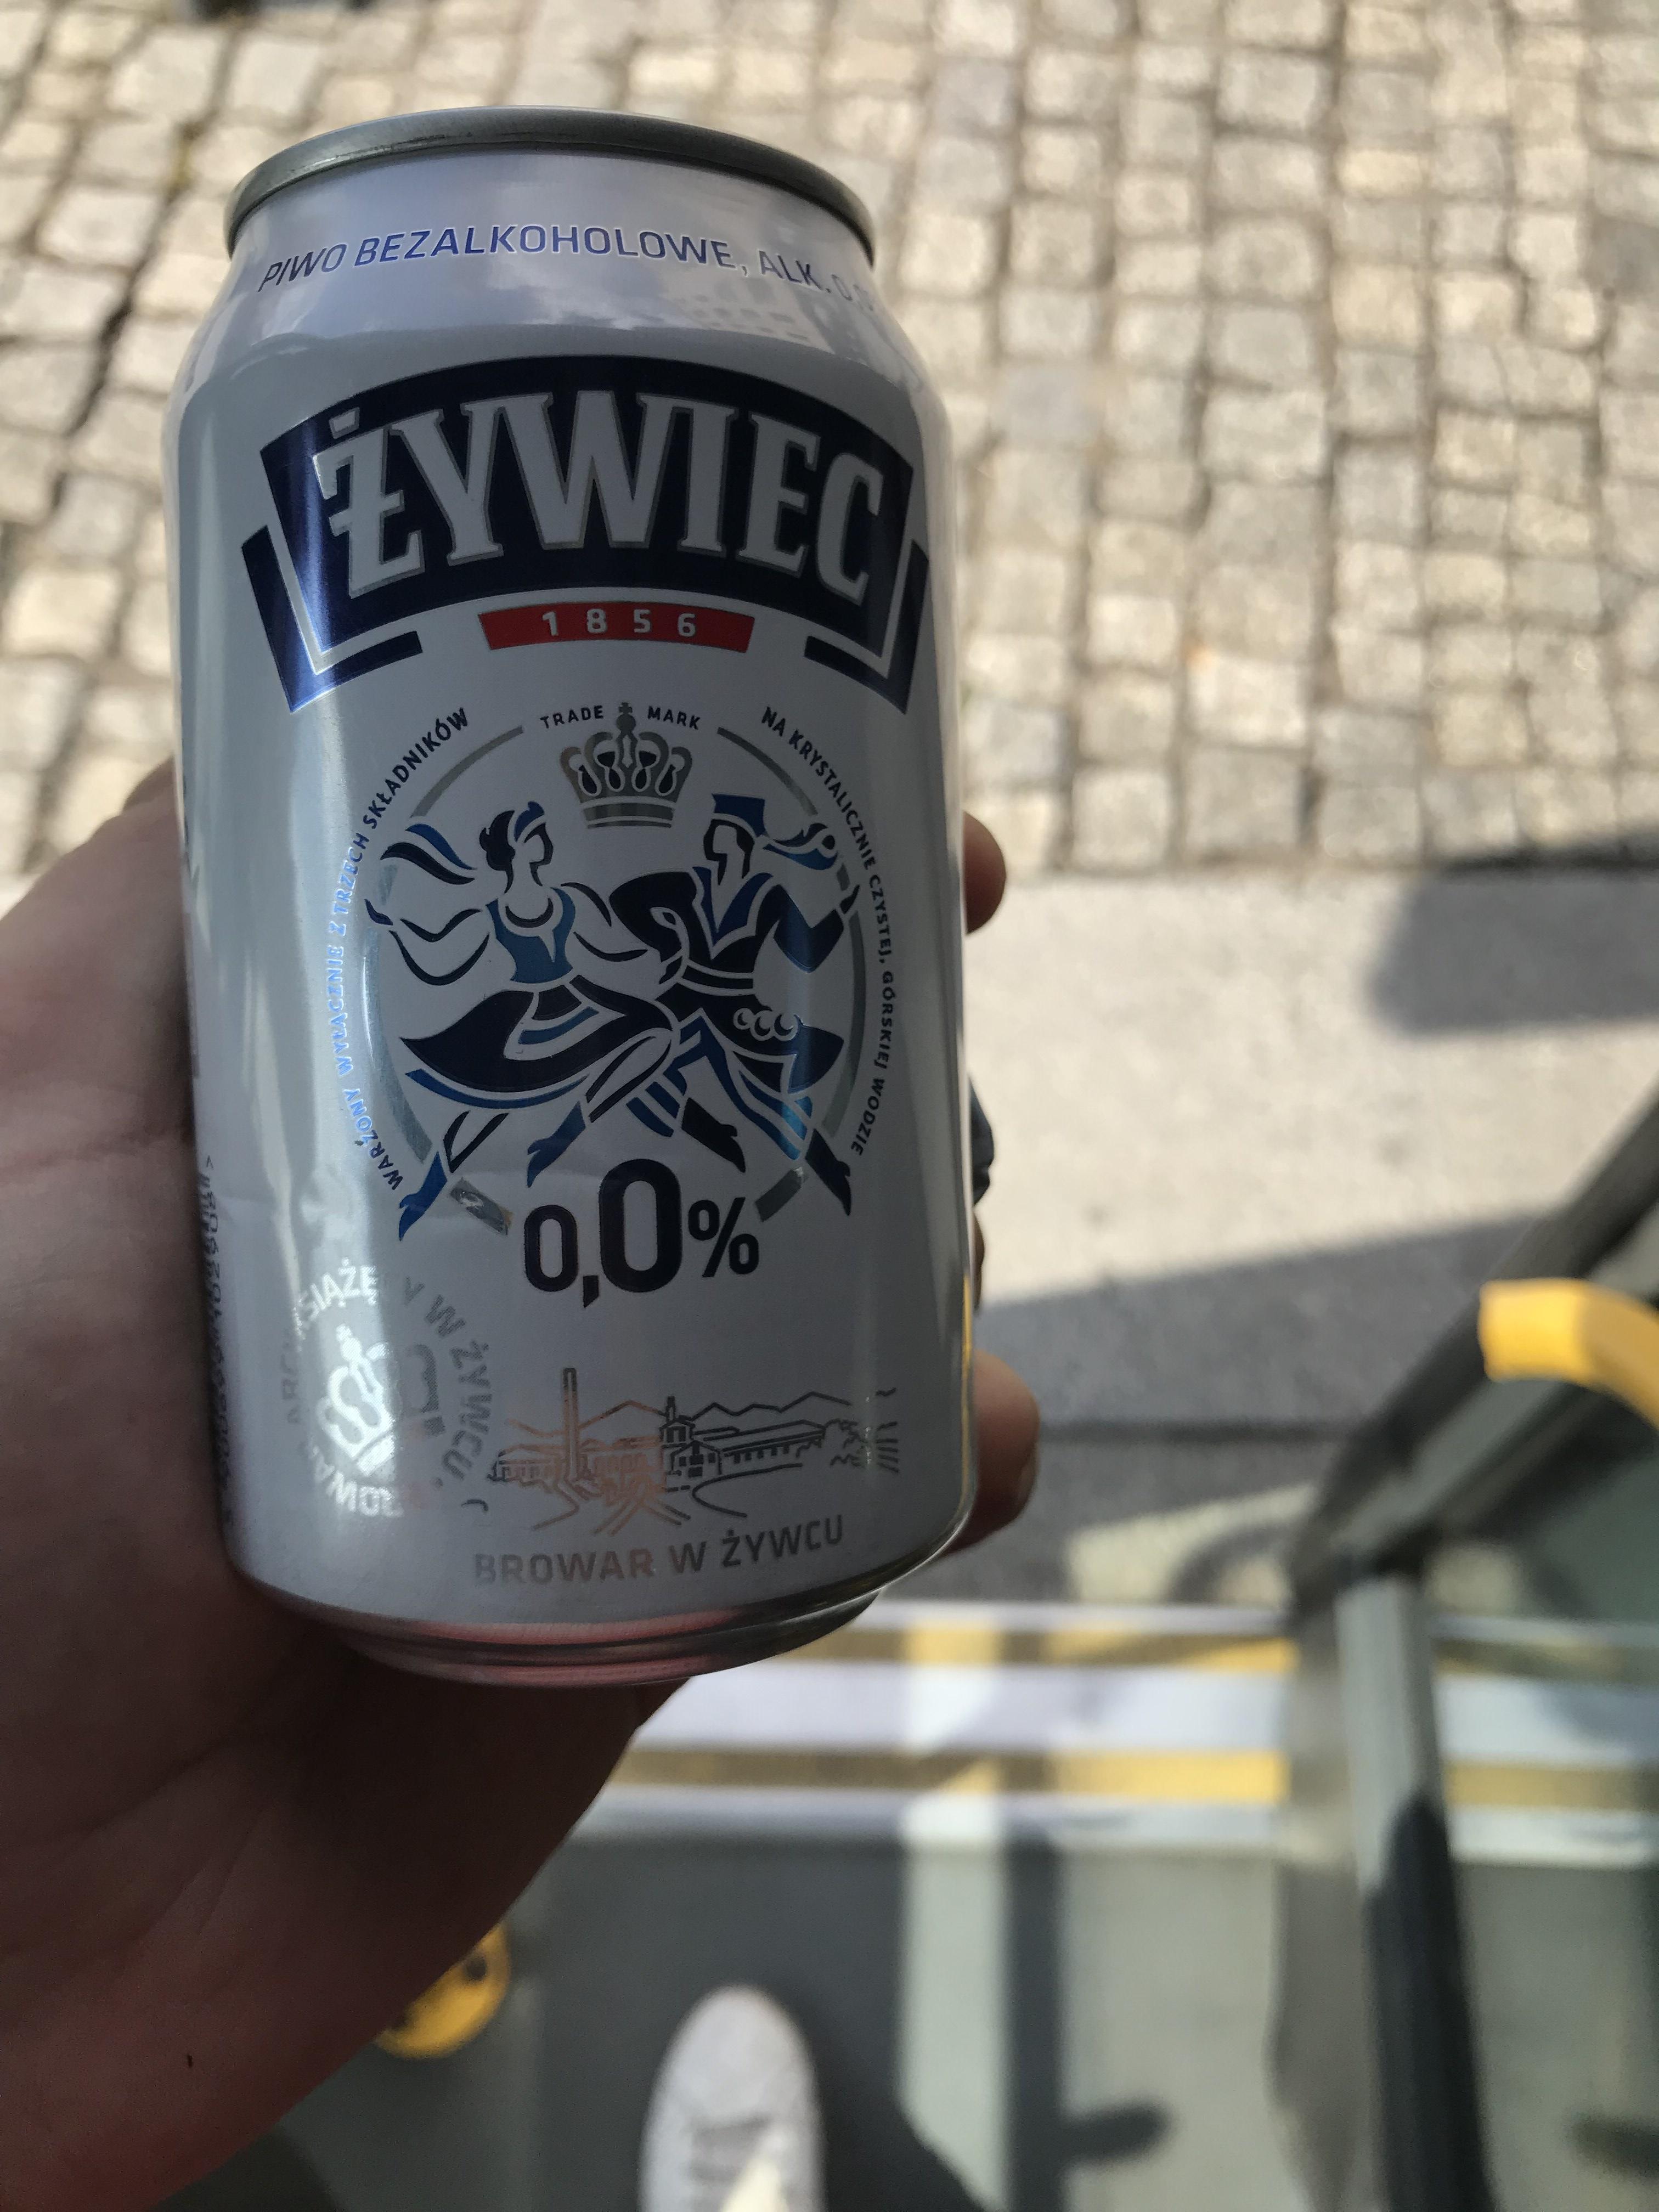 Żywiec 0% we Wrocławiu